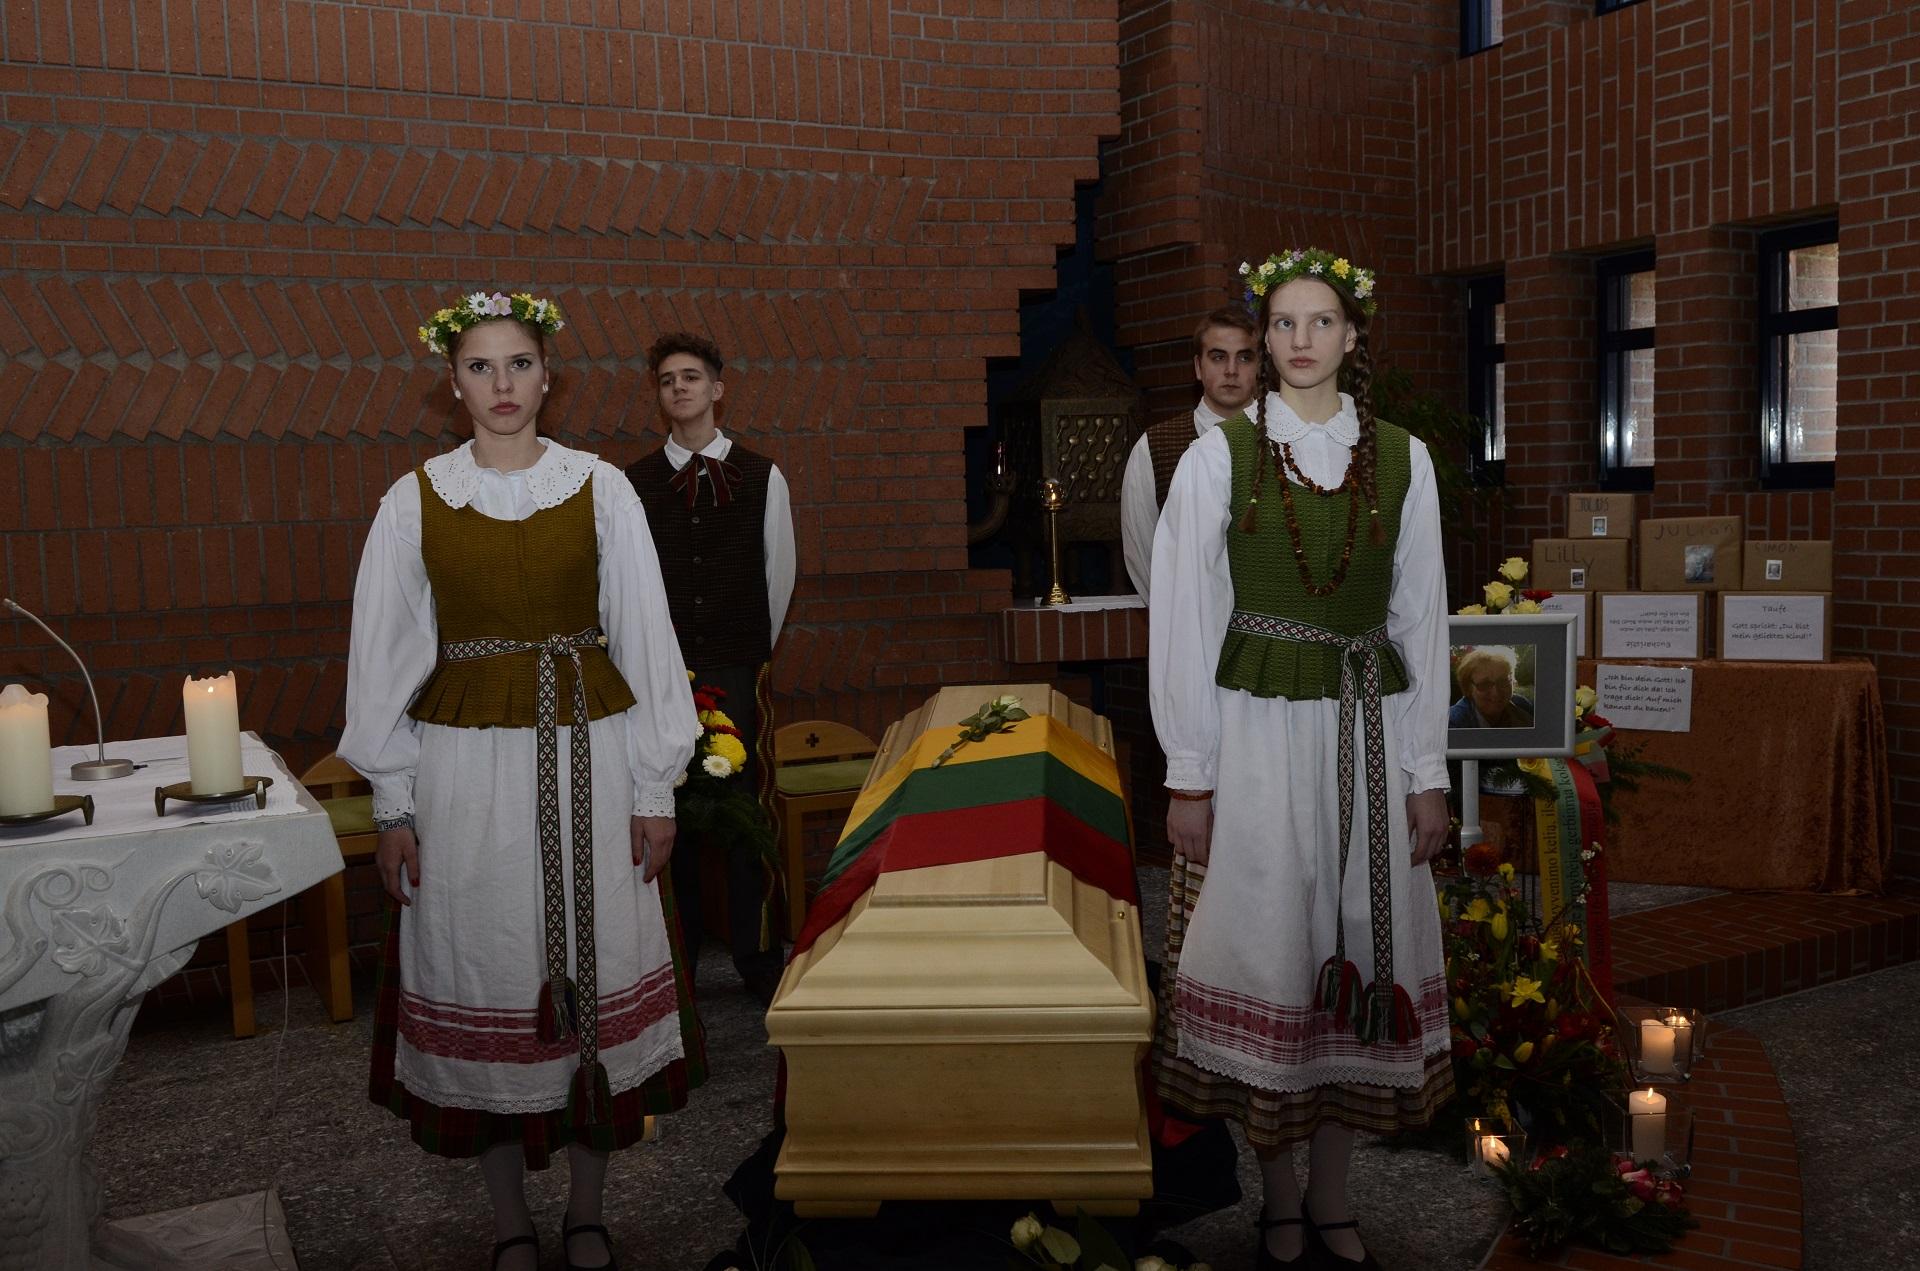 Wir trauern um Bronislava Lipschis